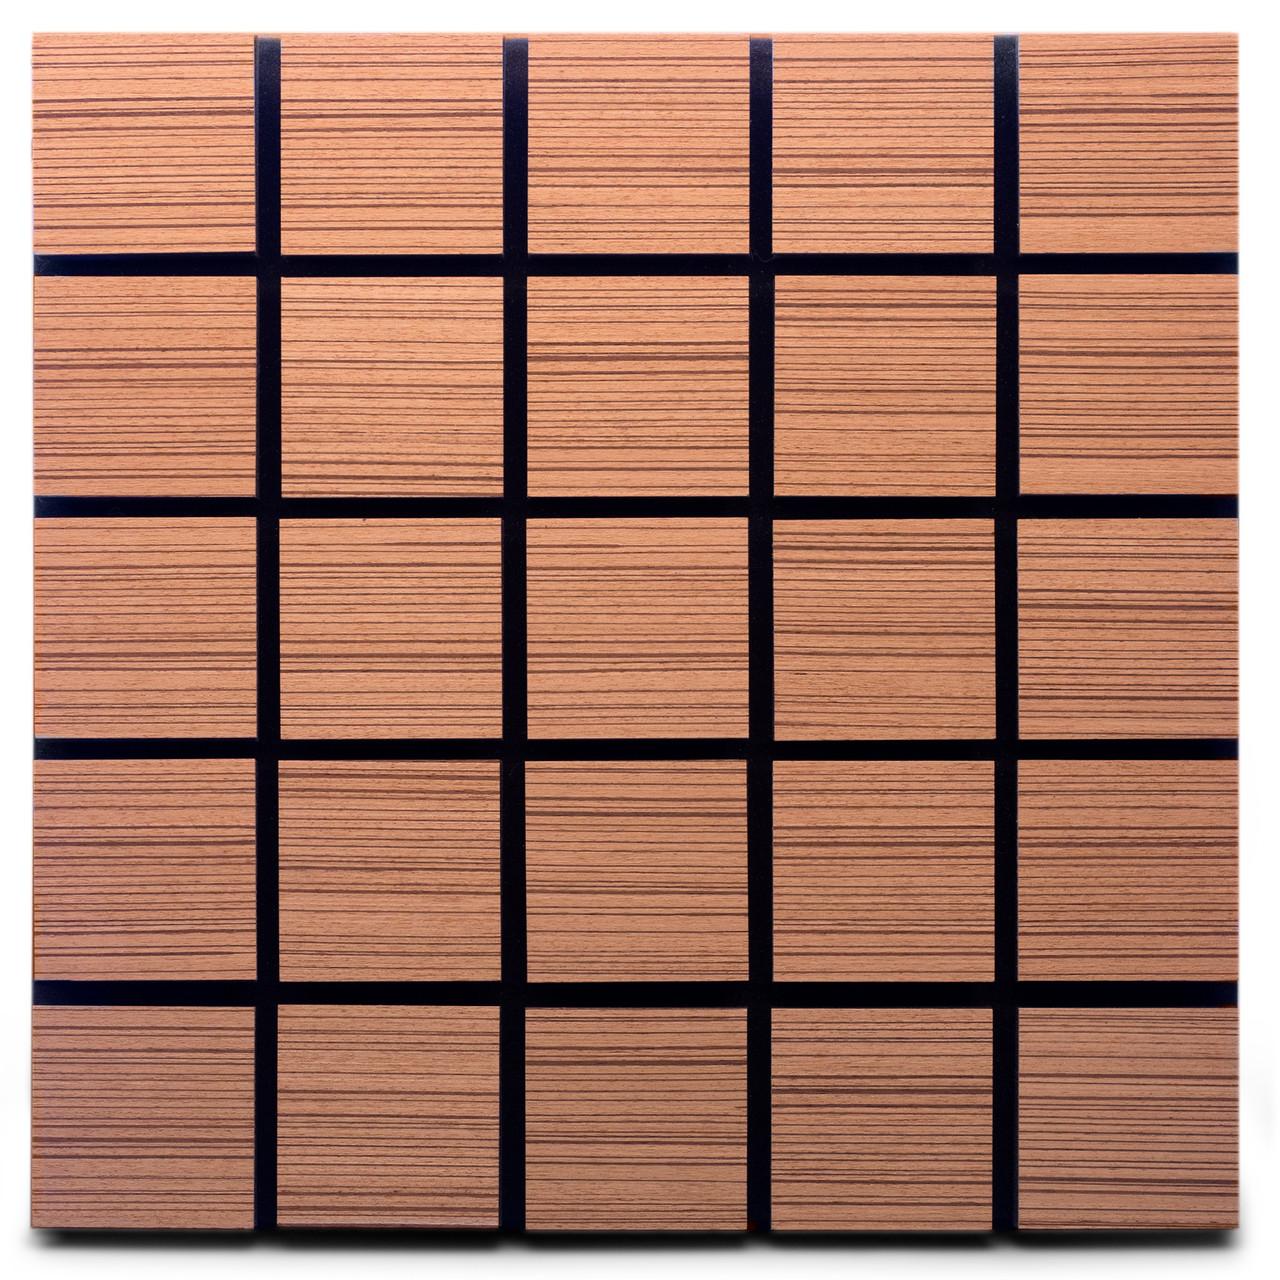 Акустическая панель Ecosound Tetras Rosewood 50x50см 33мм цвет коричневый